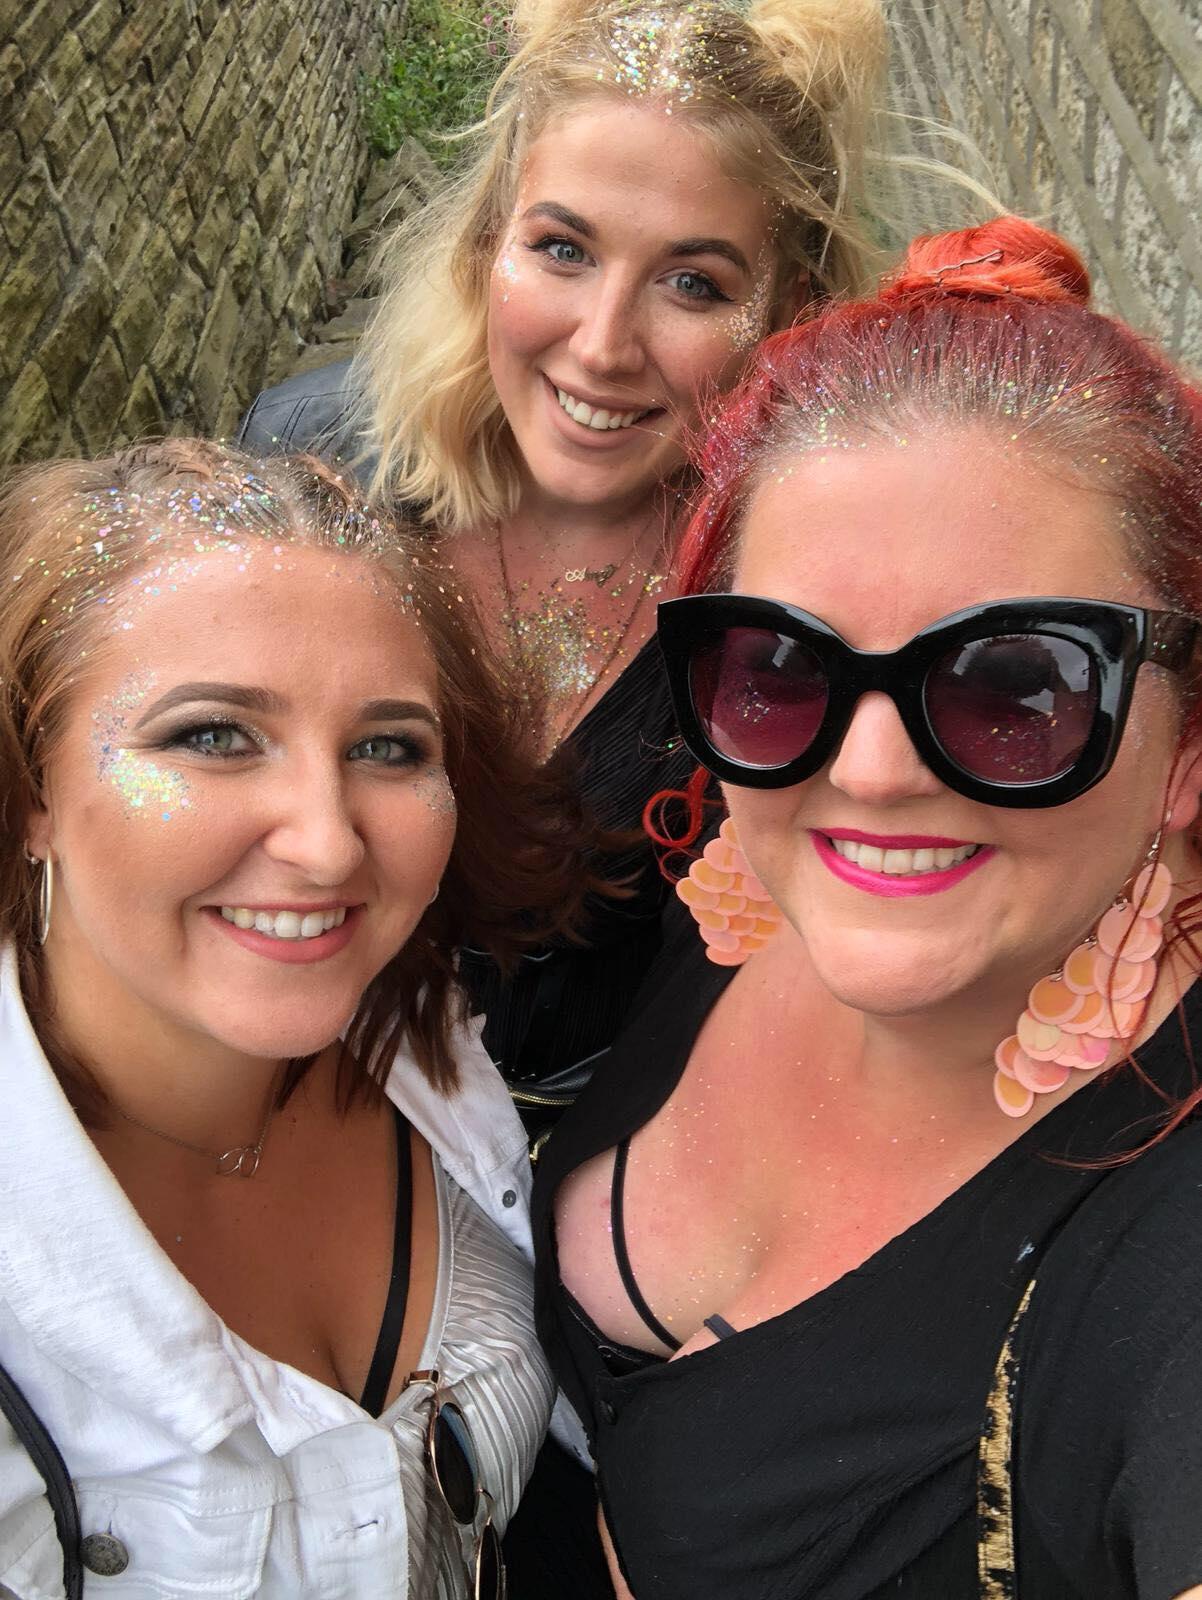 Me & my Spice Girls :-) x